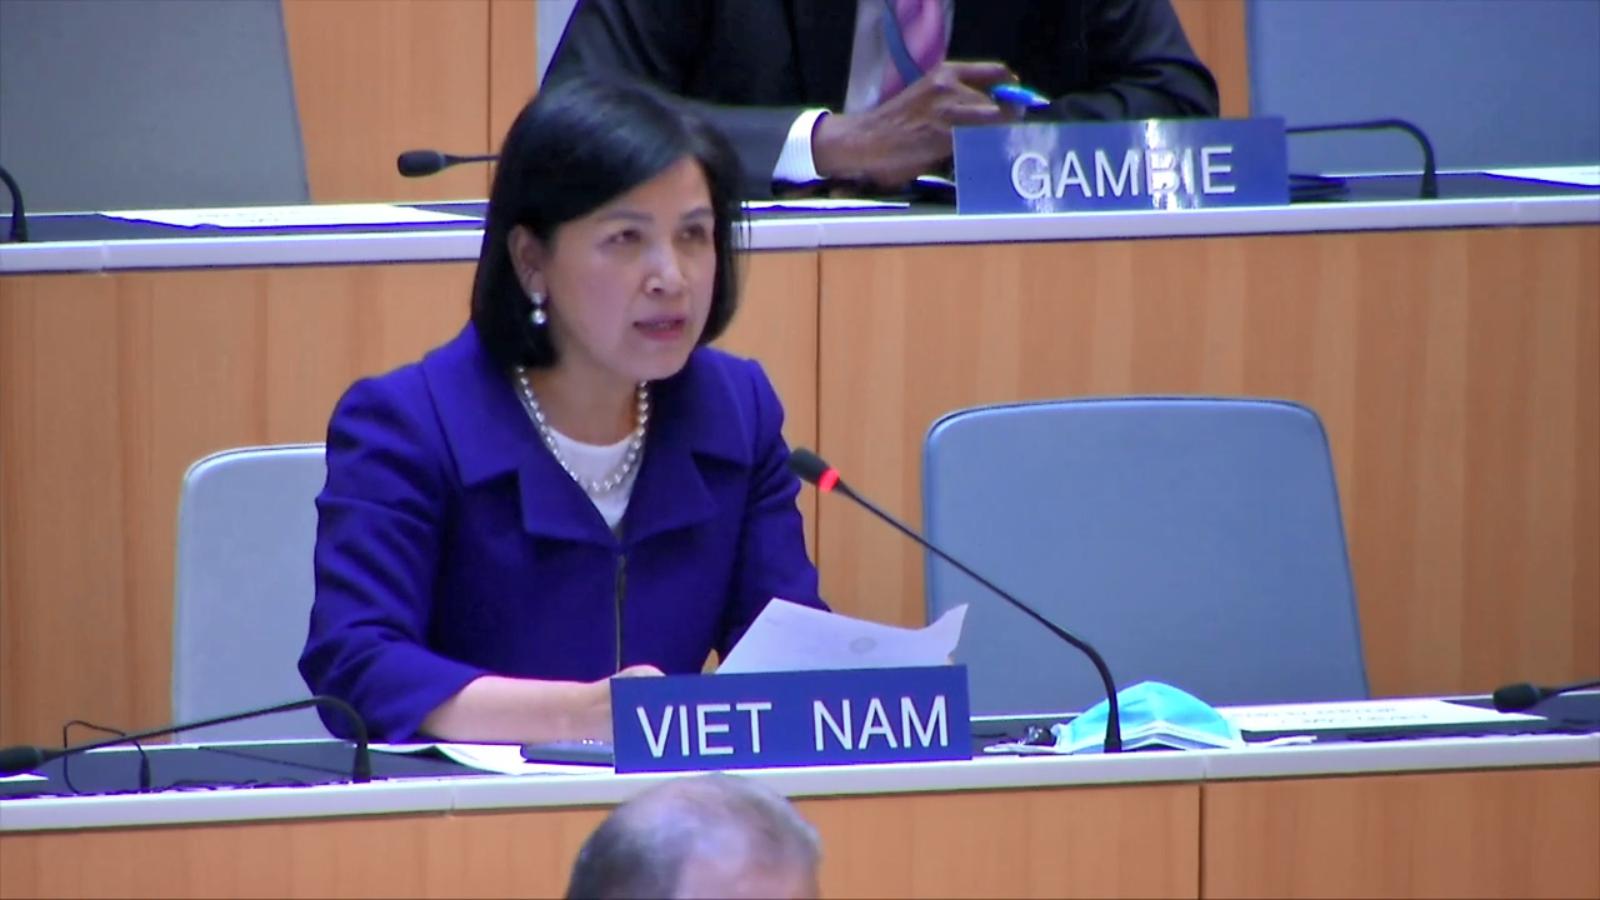 Việt Nam tham dự kỳ họp lần thứ 61 các Hội đồng của các nước thành viên WIPO - Ảnh 2.